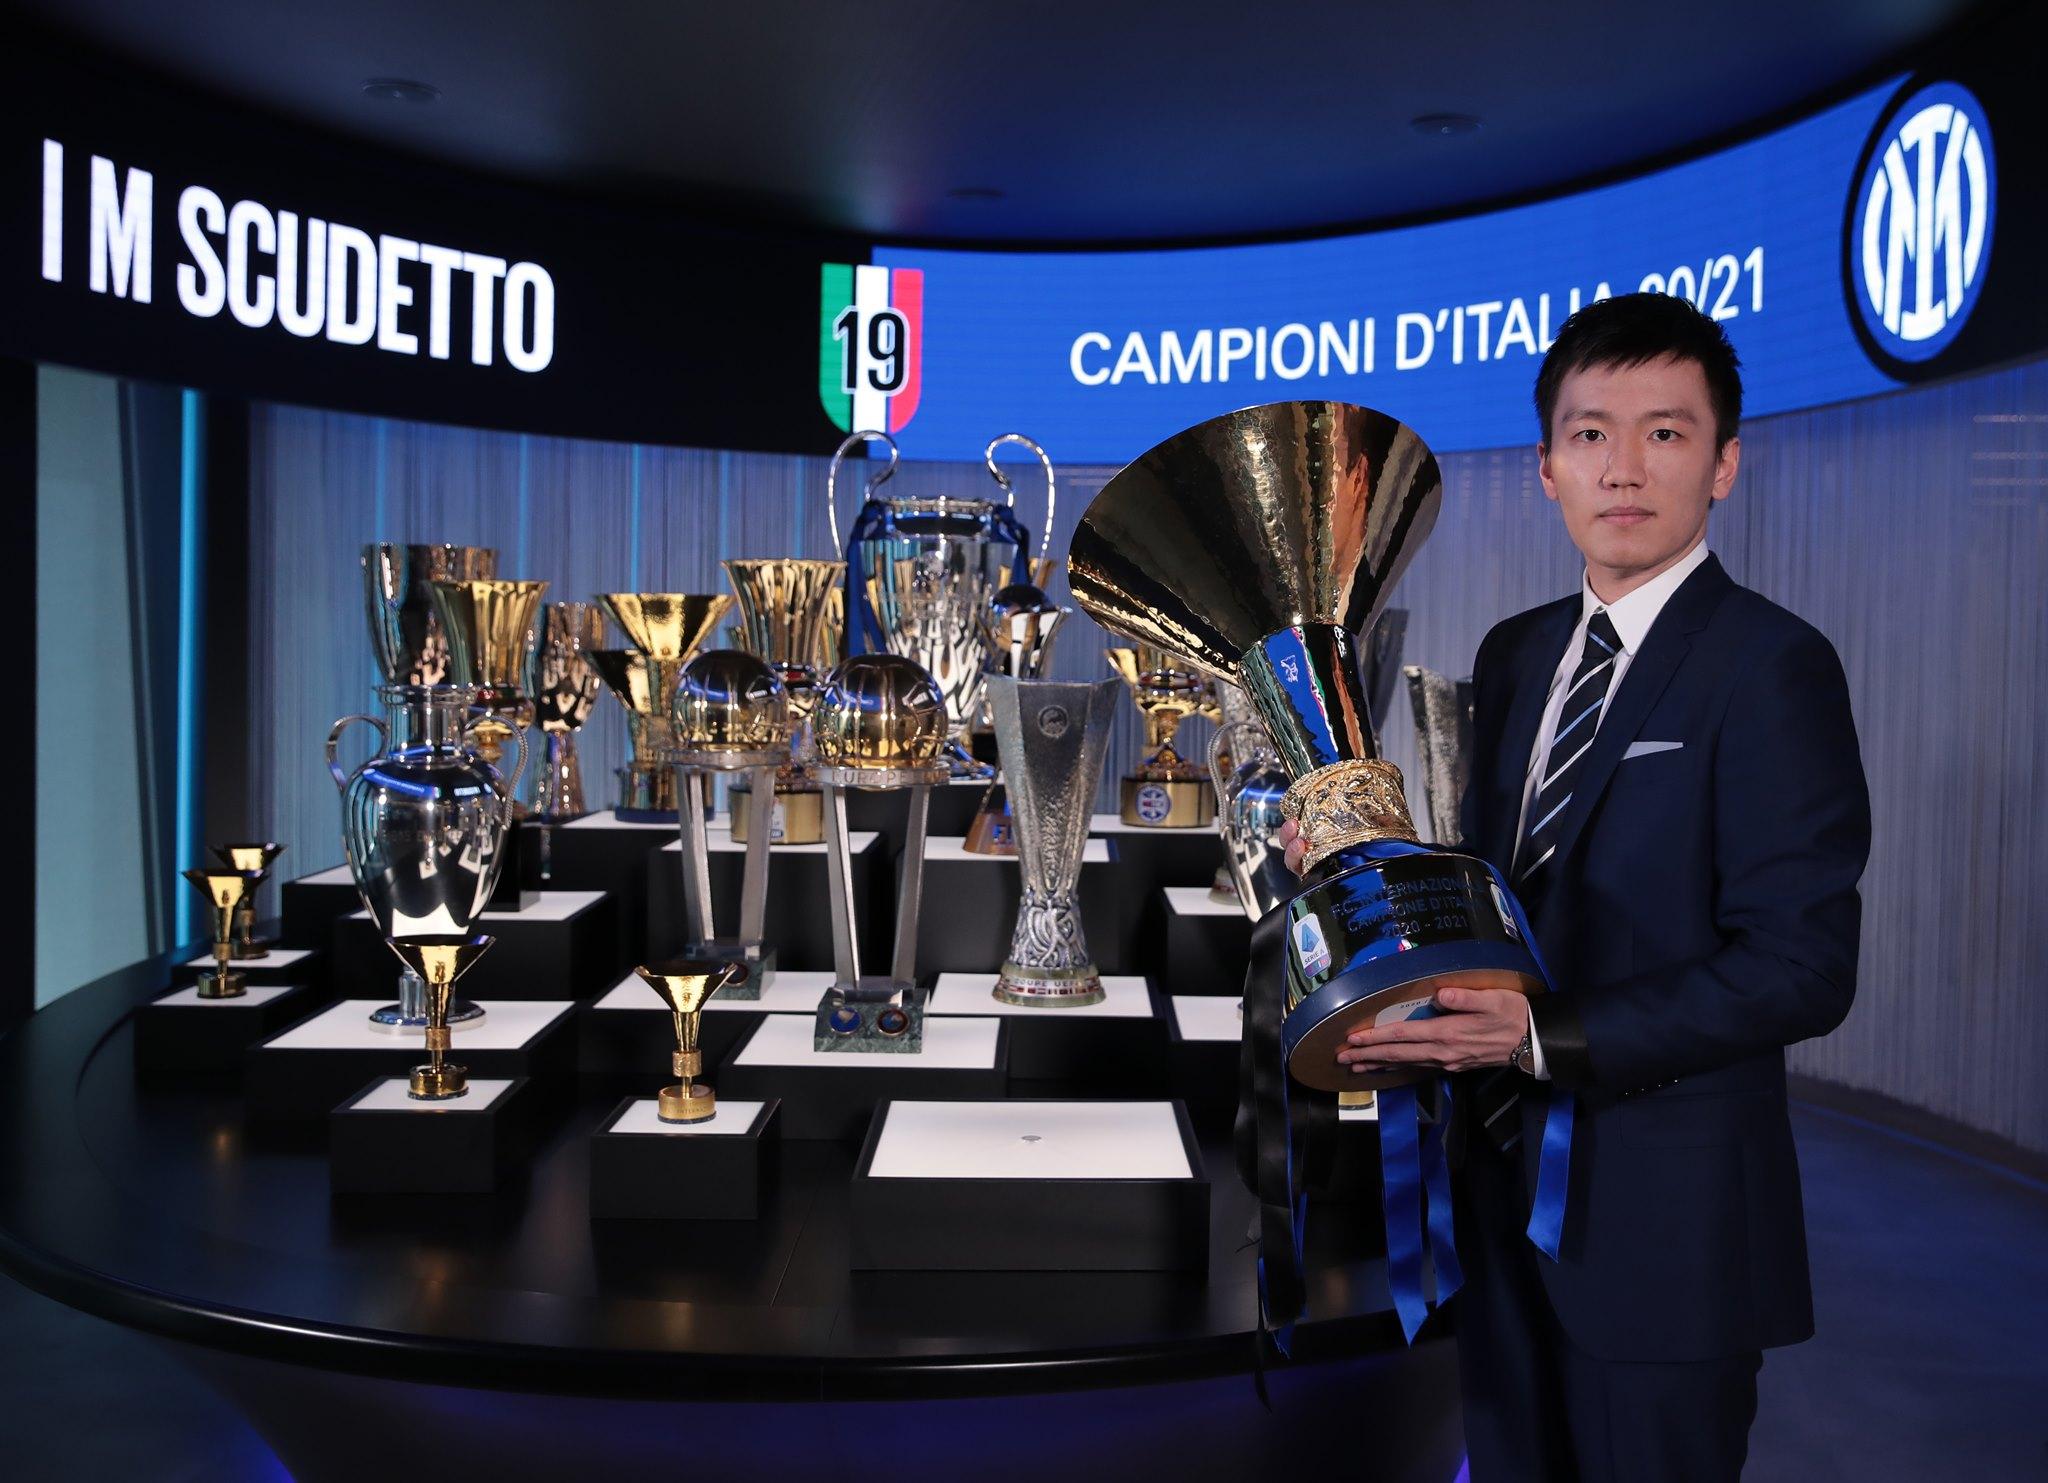 Chủ tịch Steven Zhang thay mặt Suning điều hành Inter từ 2016, và mới đạt thành tựu lớn nhất với sucdetto mùa vừa qua. Ảnh: Inter.it